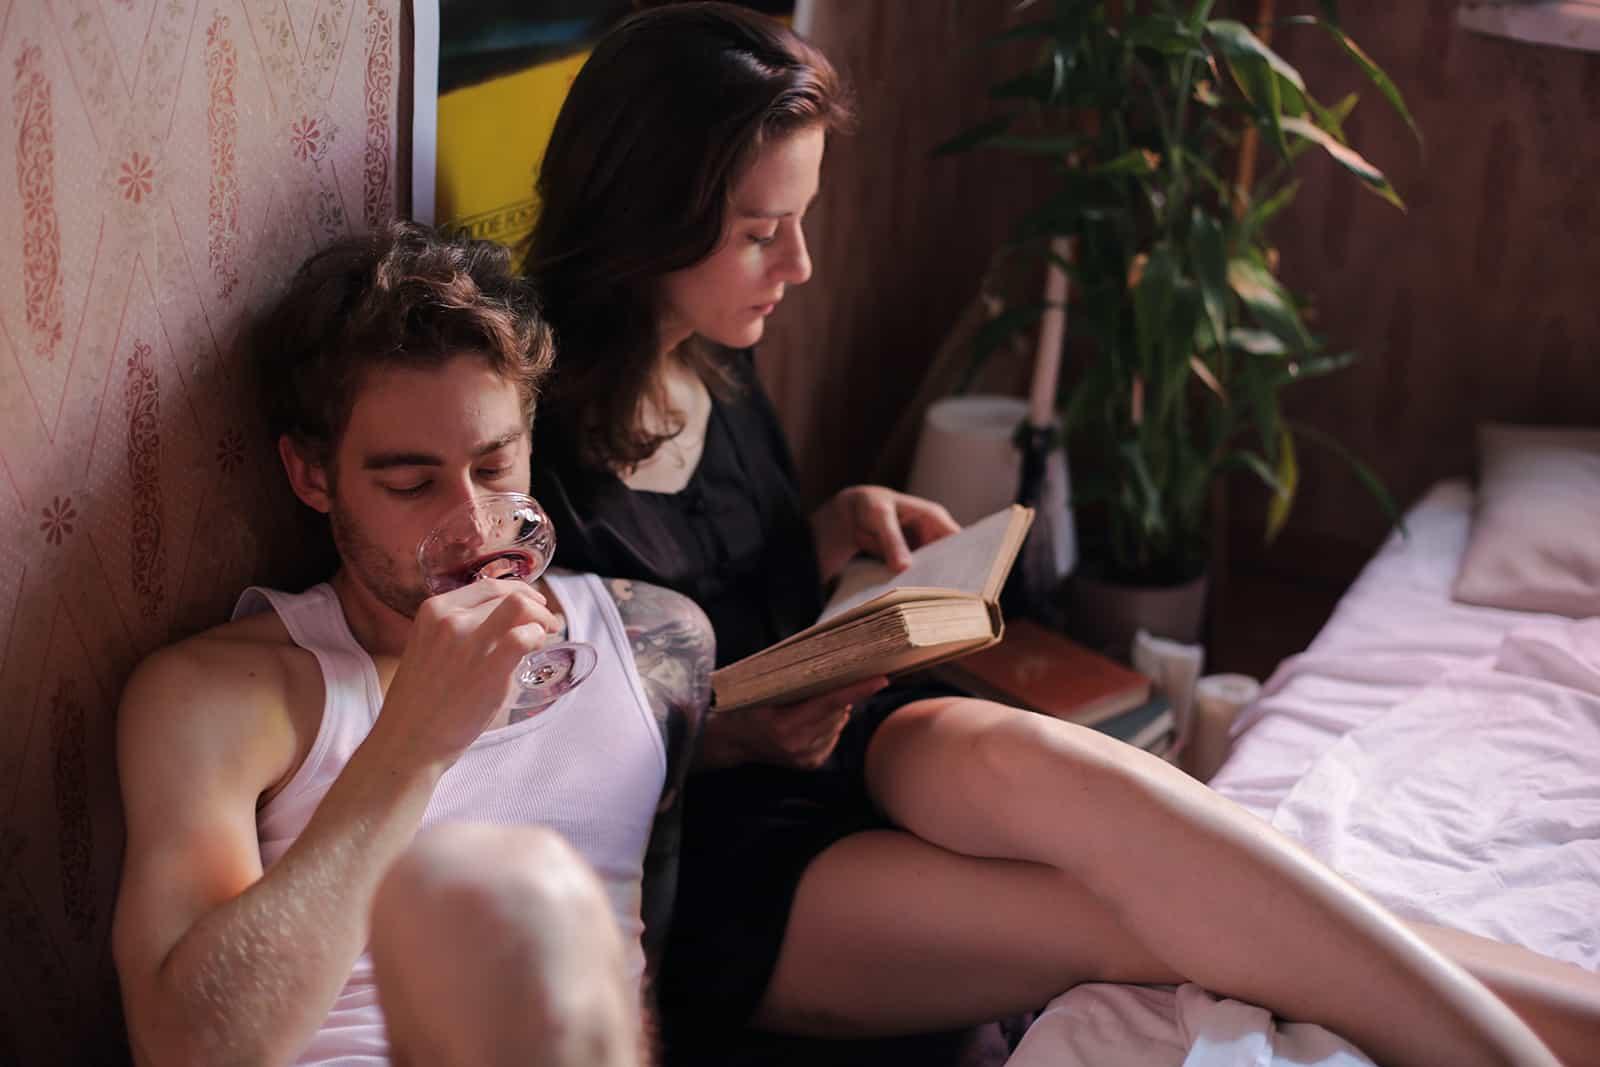 Ein Mann trinkt Wein und eine Frau liest ein Buch, während sie neben einem Bett sitzt